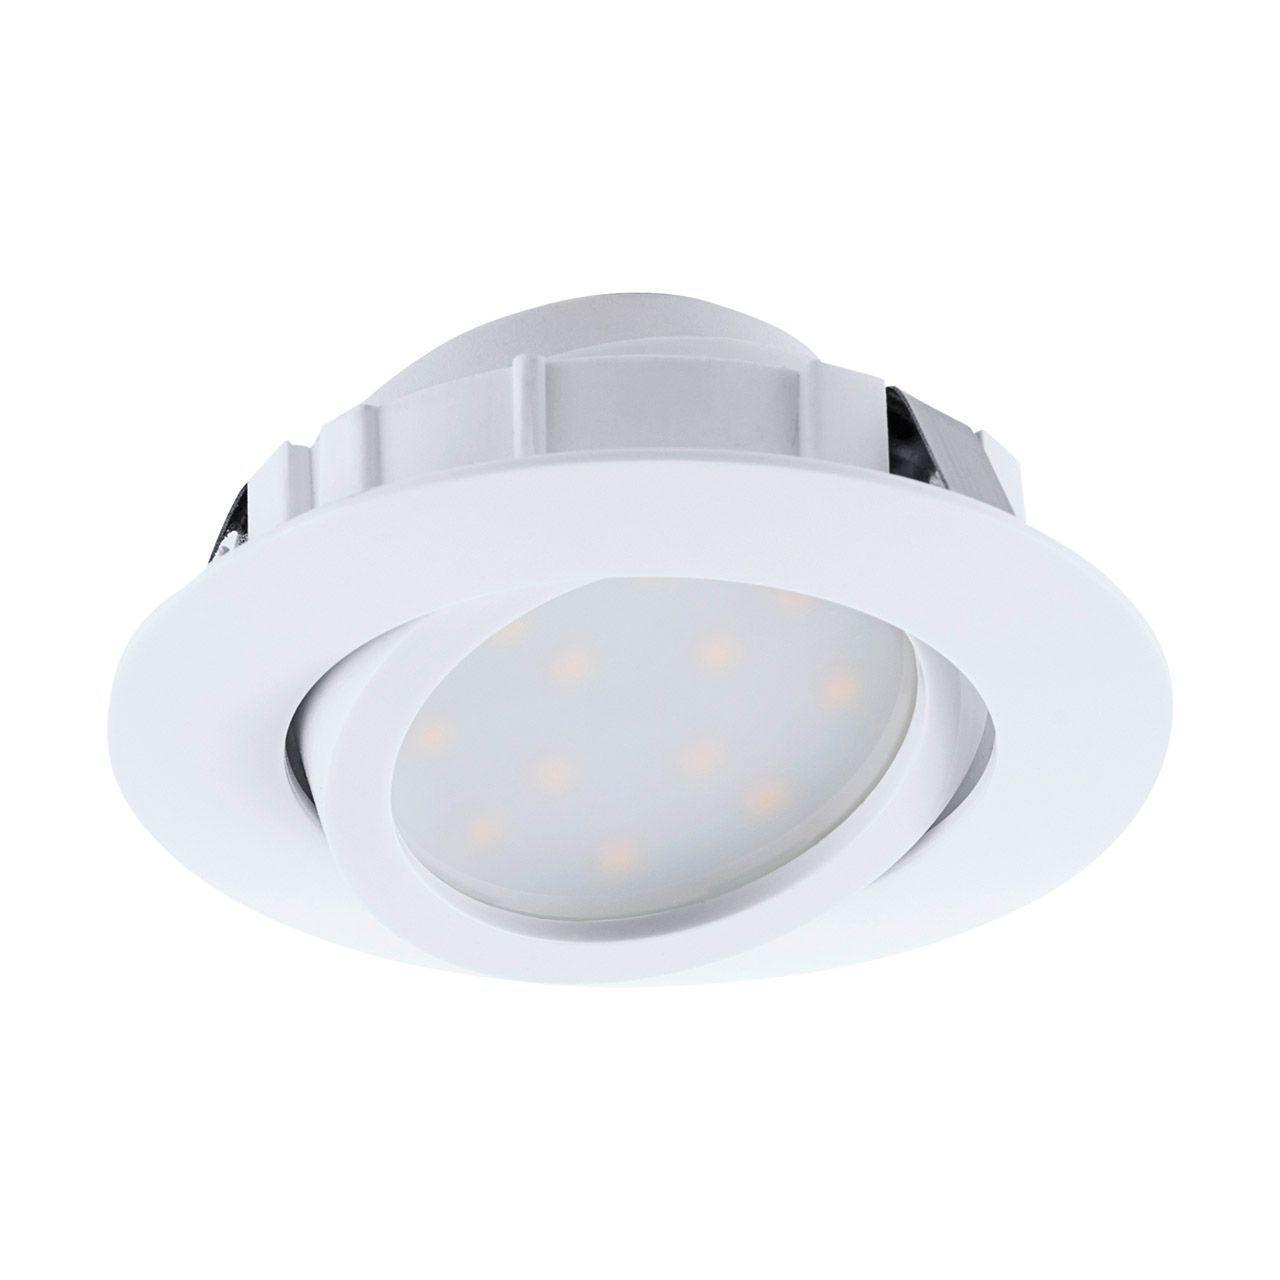 Встраиваемый светодиодный светильник Eglo Pineda 95847 встраиваемый светильник eglo 94402 желтый